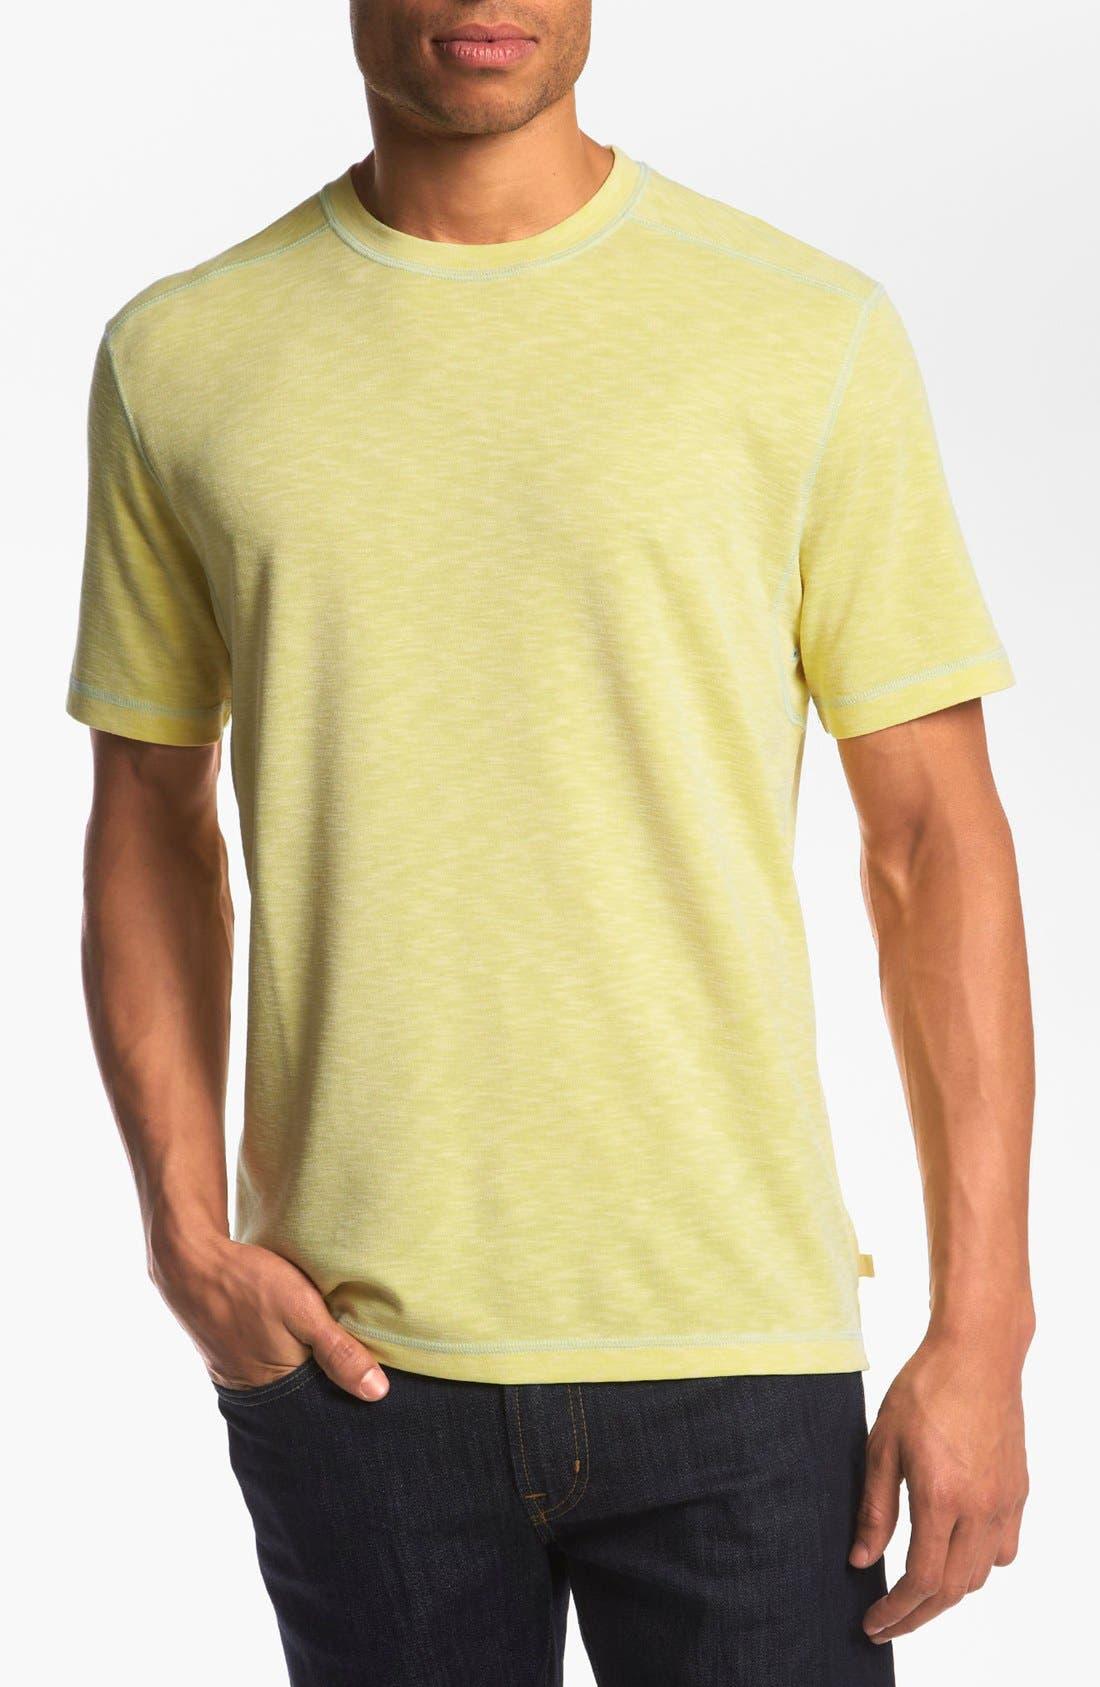 Alternate Image 1 Selected - Tommy Bahama 'Paradise Blend' Crewneck T-Shirt